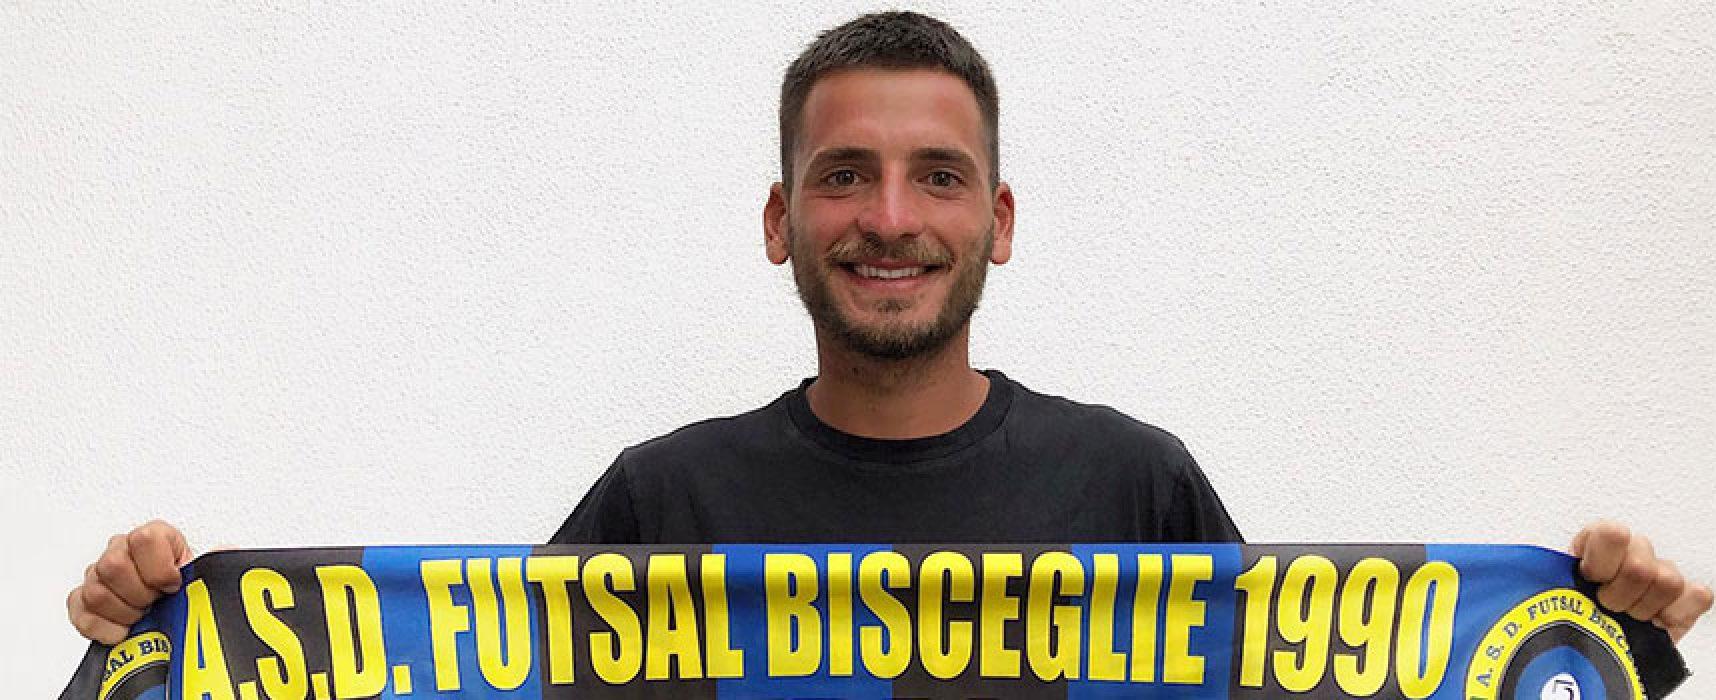 Il Futsal Bisceglie pesca ancora dal Salinis, preso Carlo Angiulli